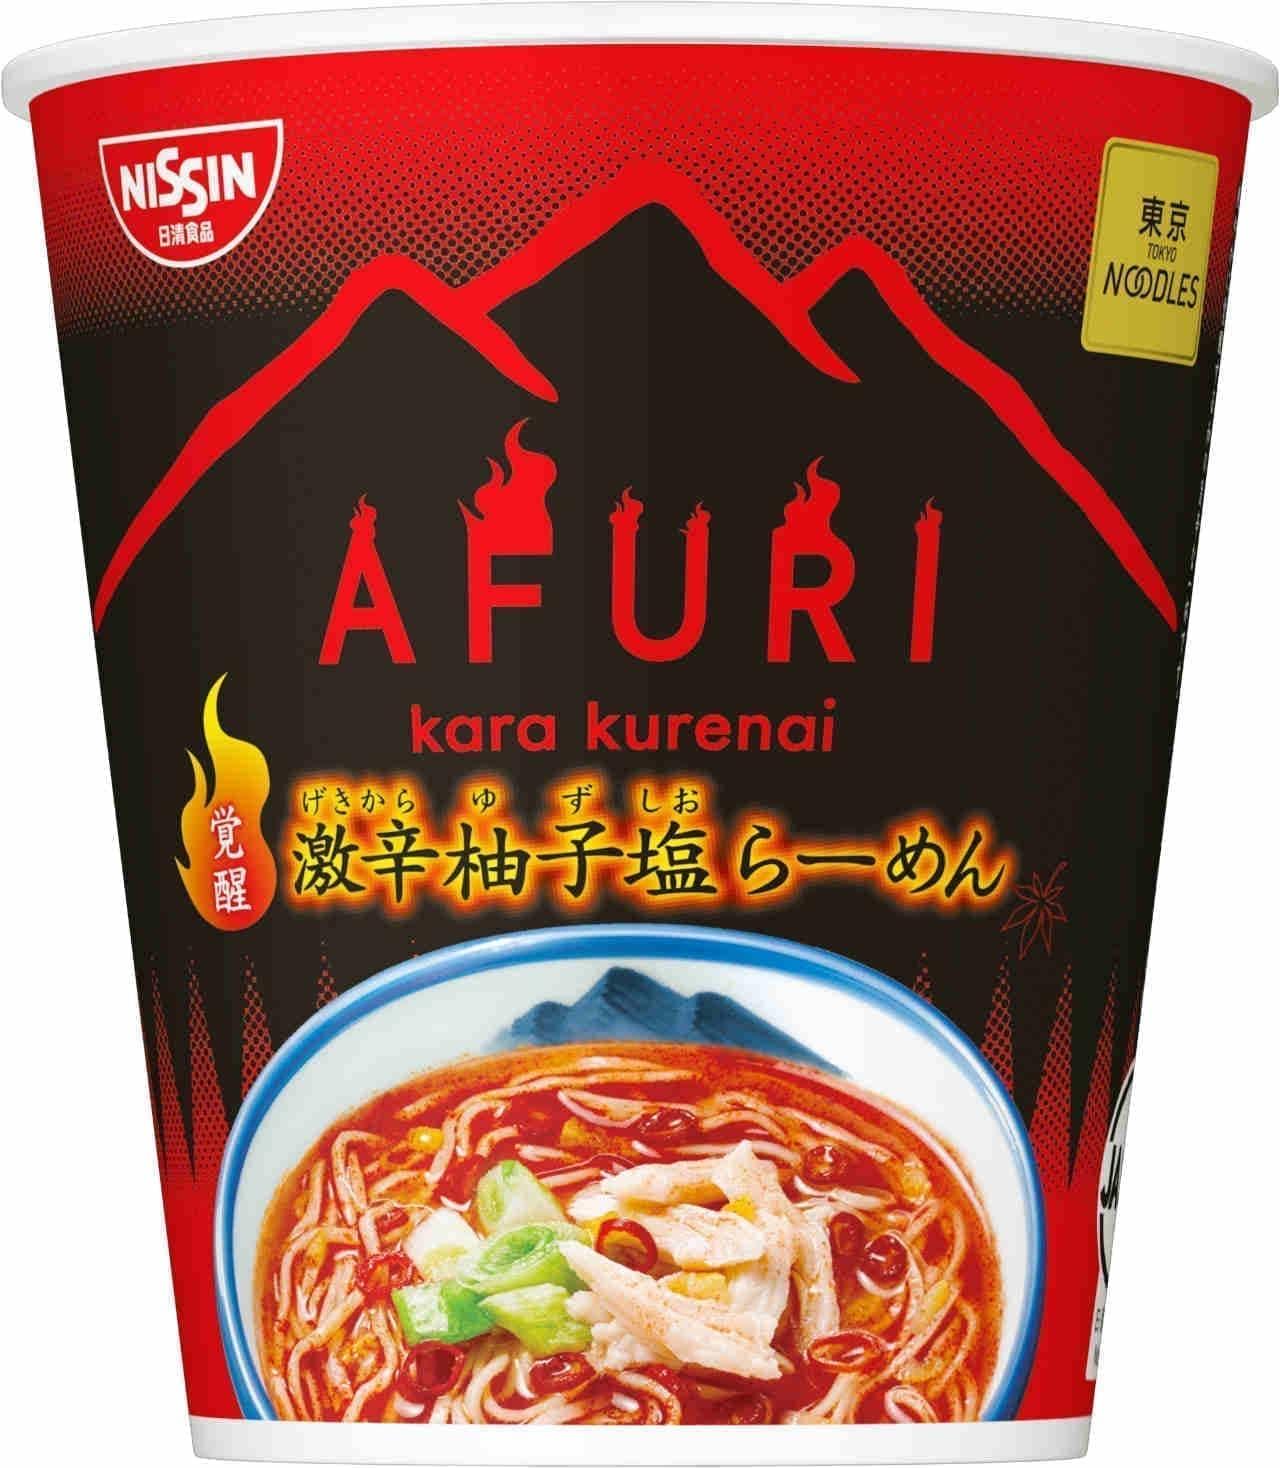 さわやか激辛カップ麺「日清 東京NOODLES AFURI 覚醒 激辛柚子塩らーめん」